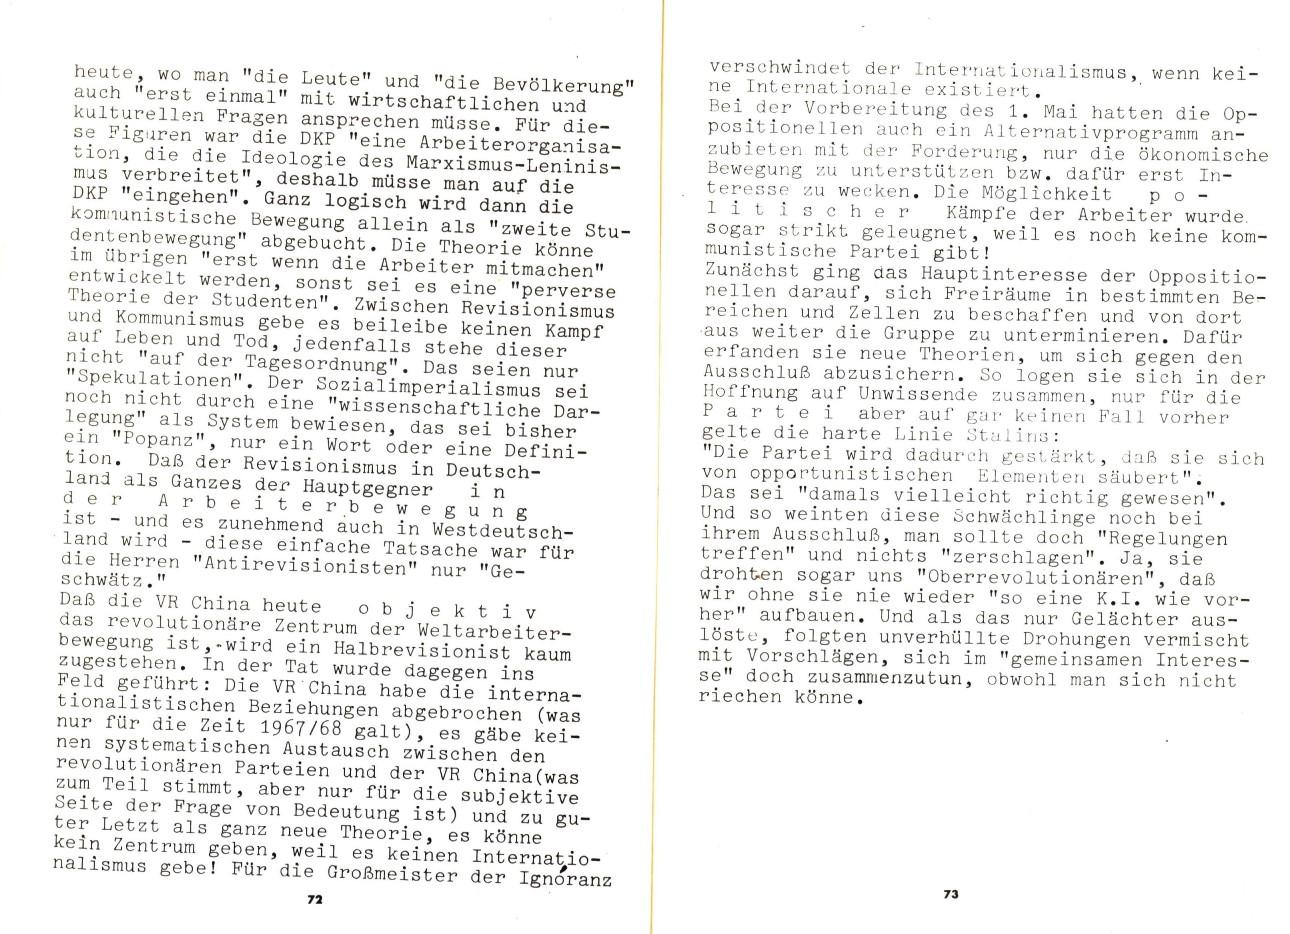 Koeln_KI_1974_Kleinbuergerei_38